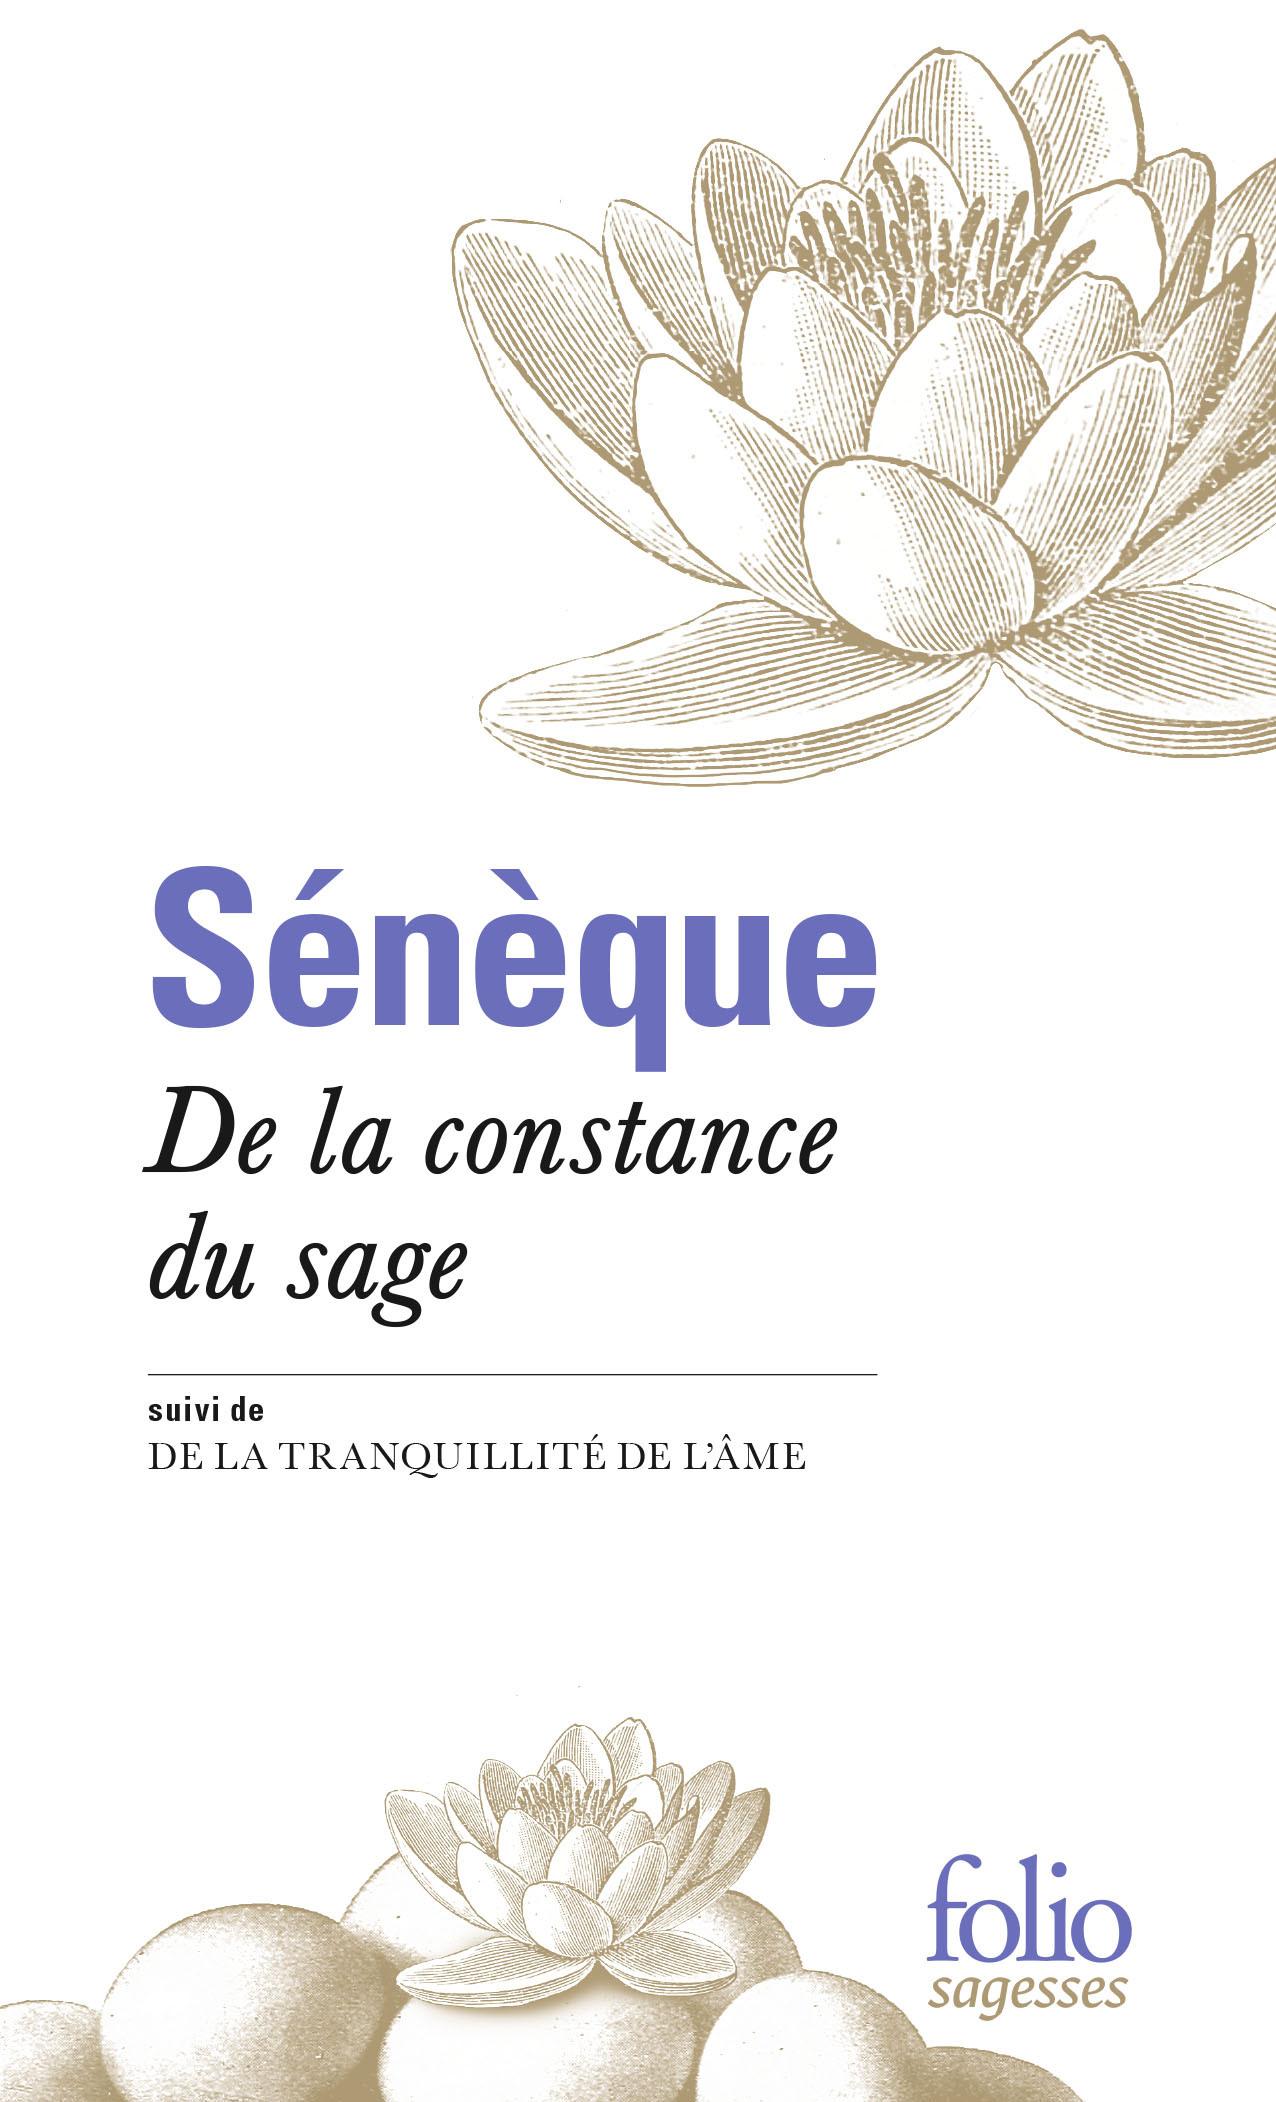 DE LA CONSTANCE DU SAGE/DE LA TRANQUILLITE DE L'AME